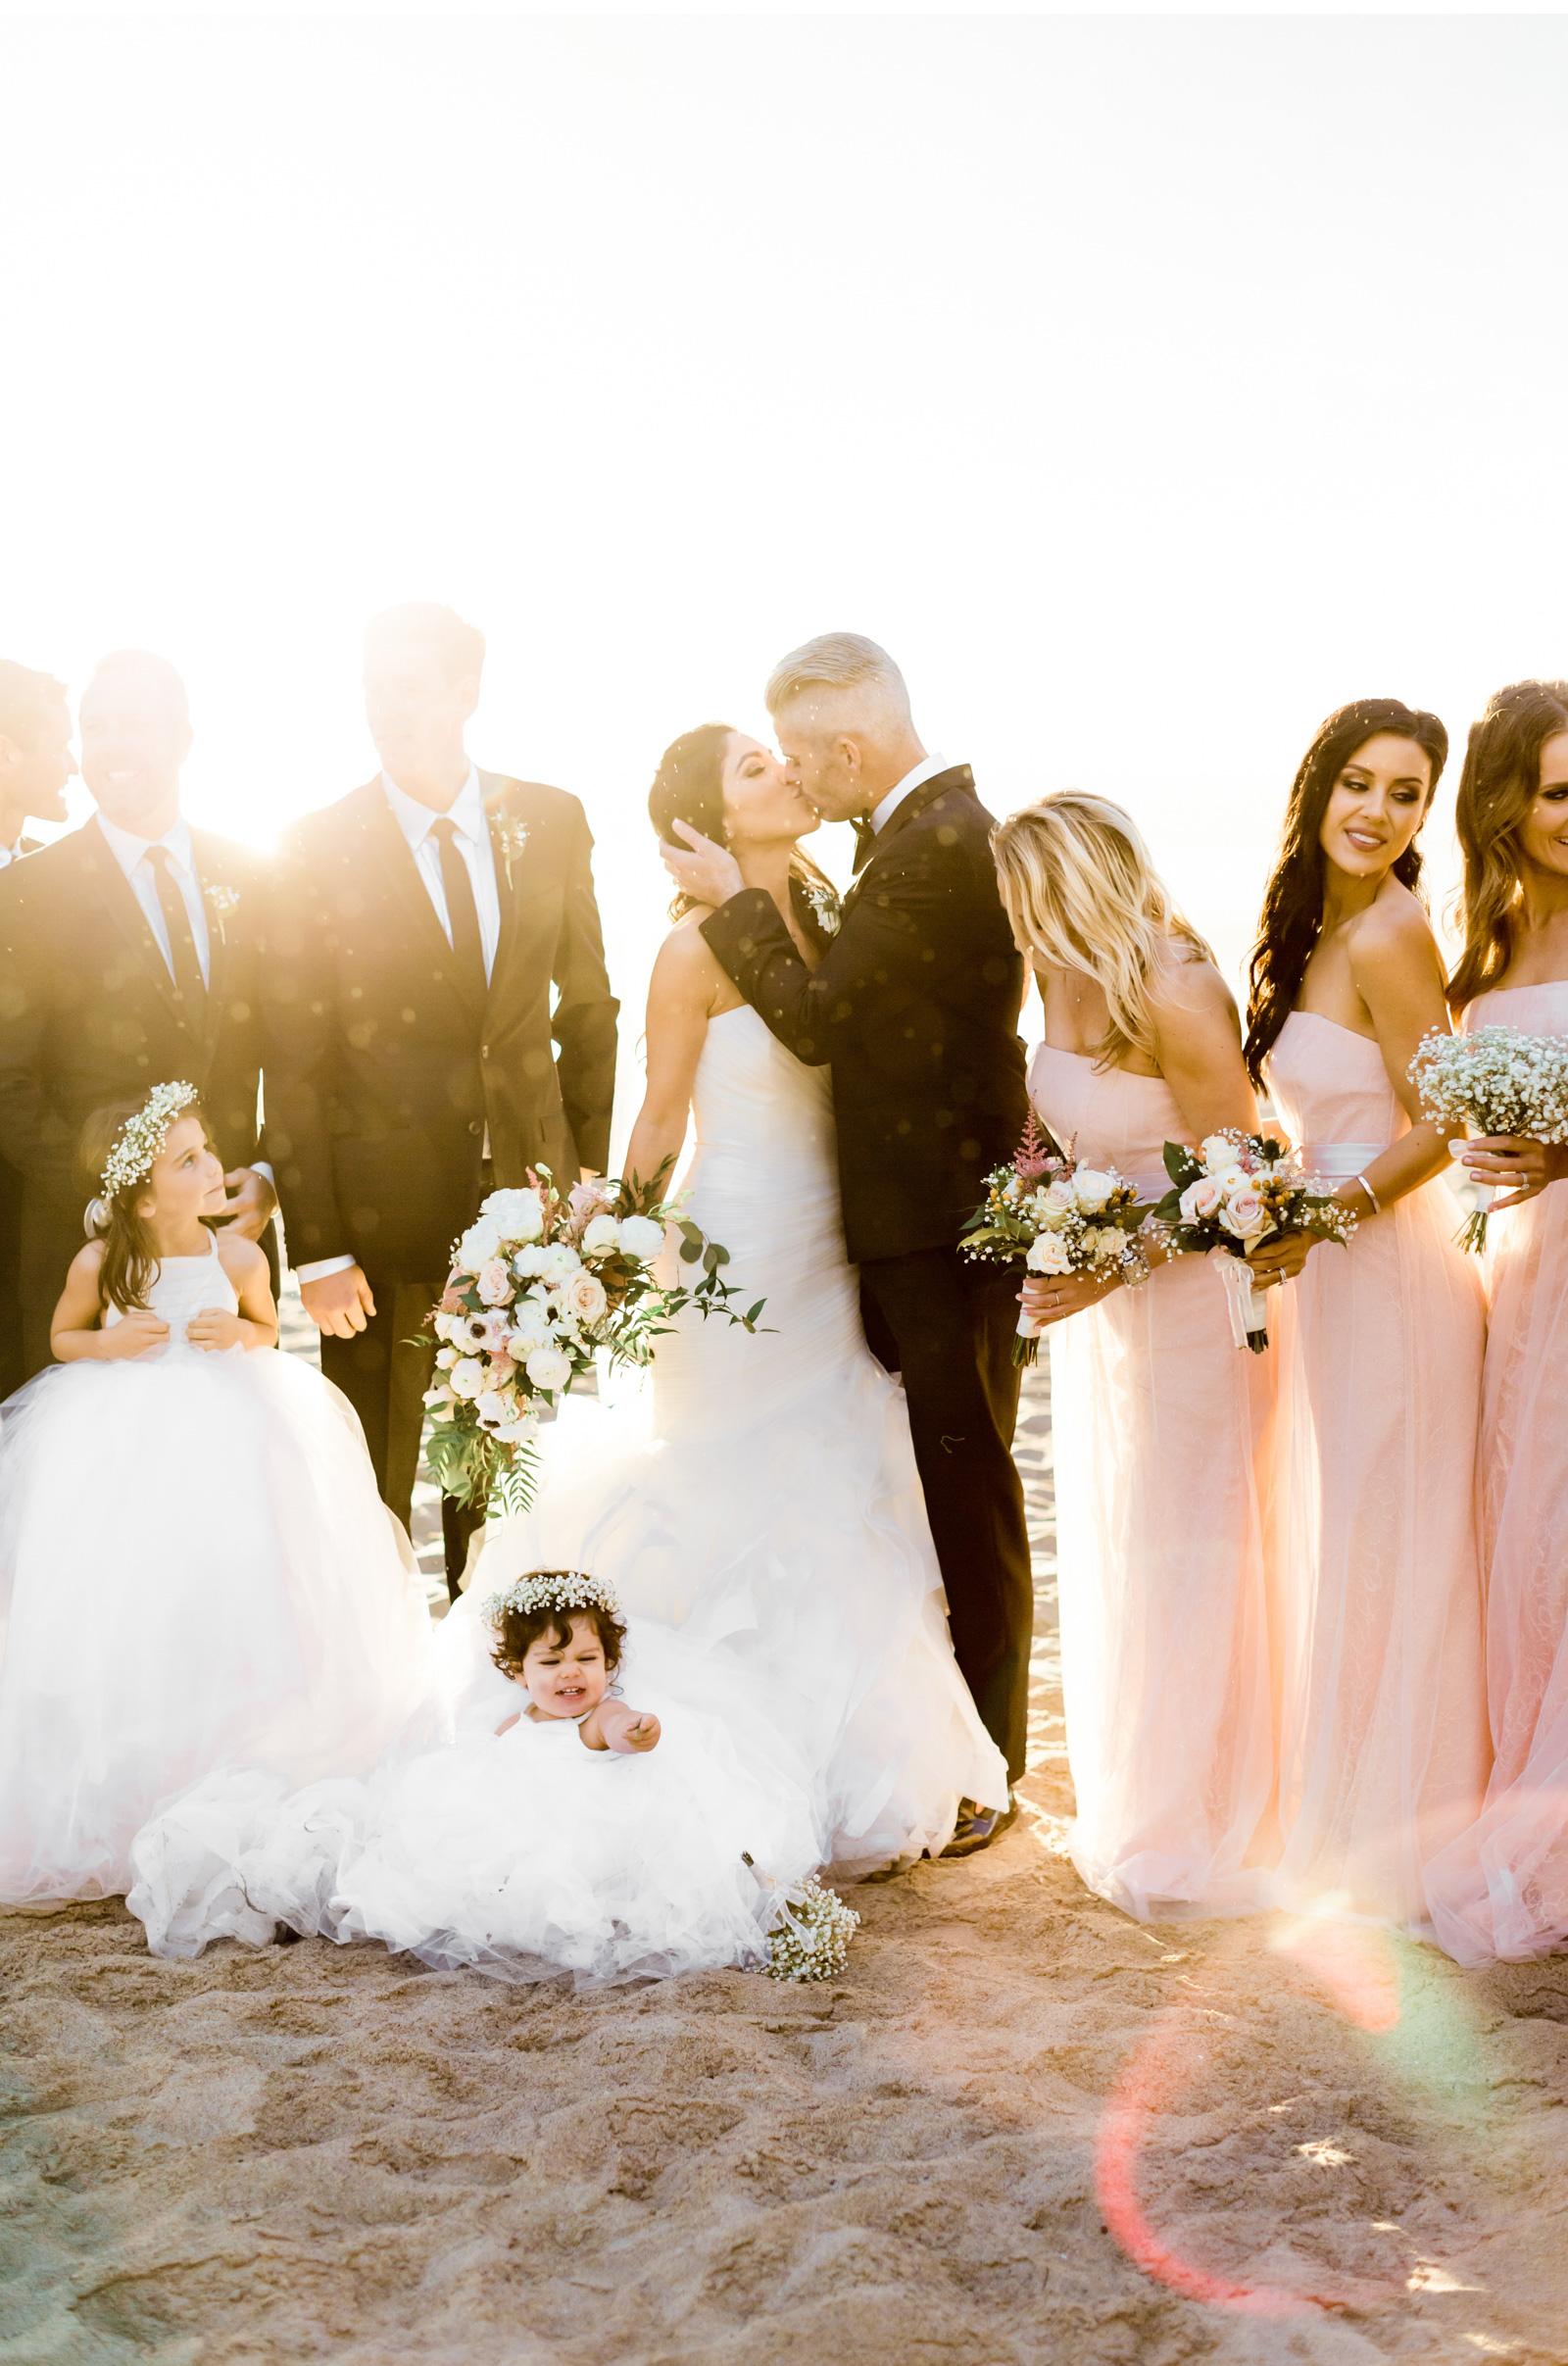 Southern-California-Fine-Art-Wedding-Photographer-Natalie-Schutt-Photography_14.jpg